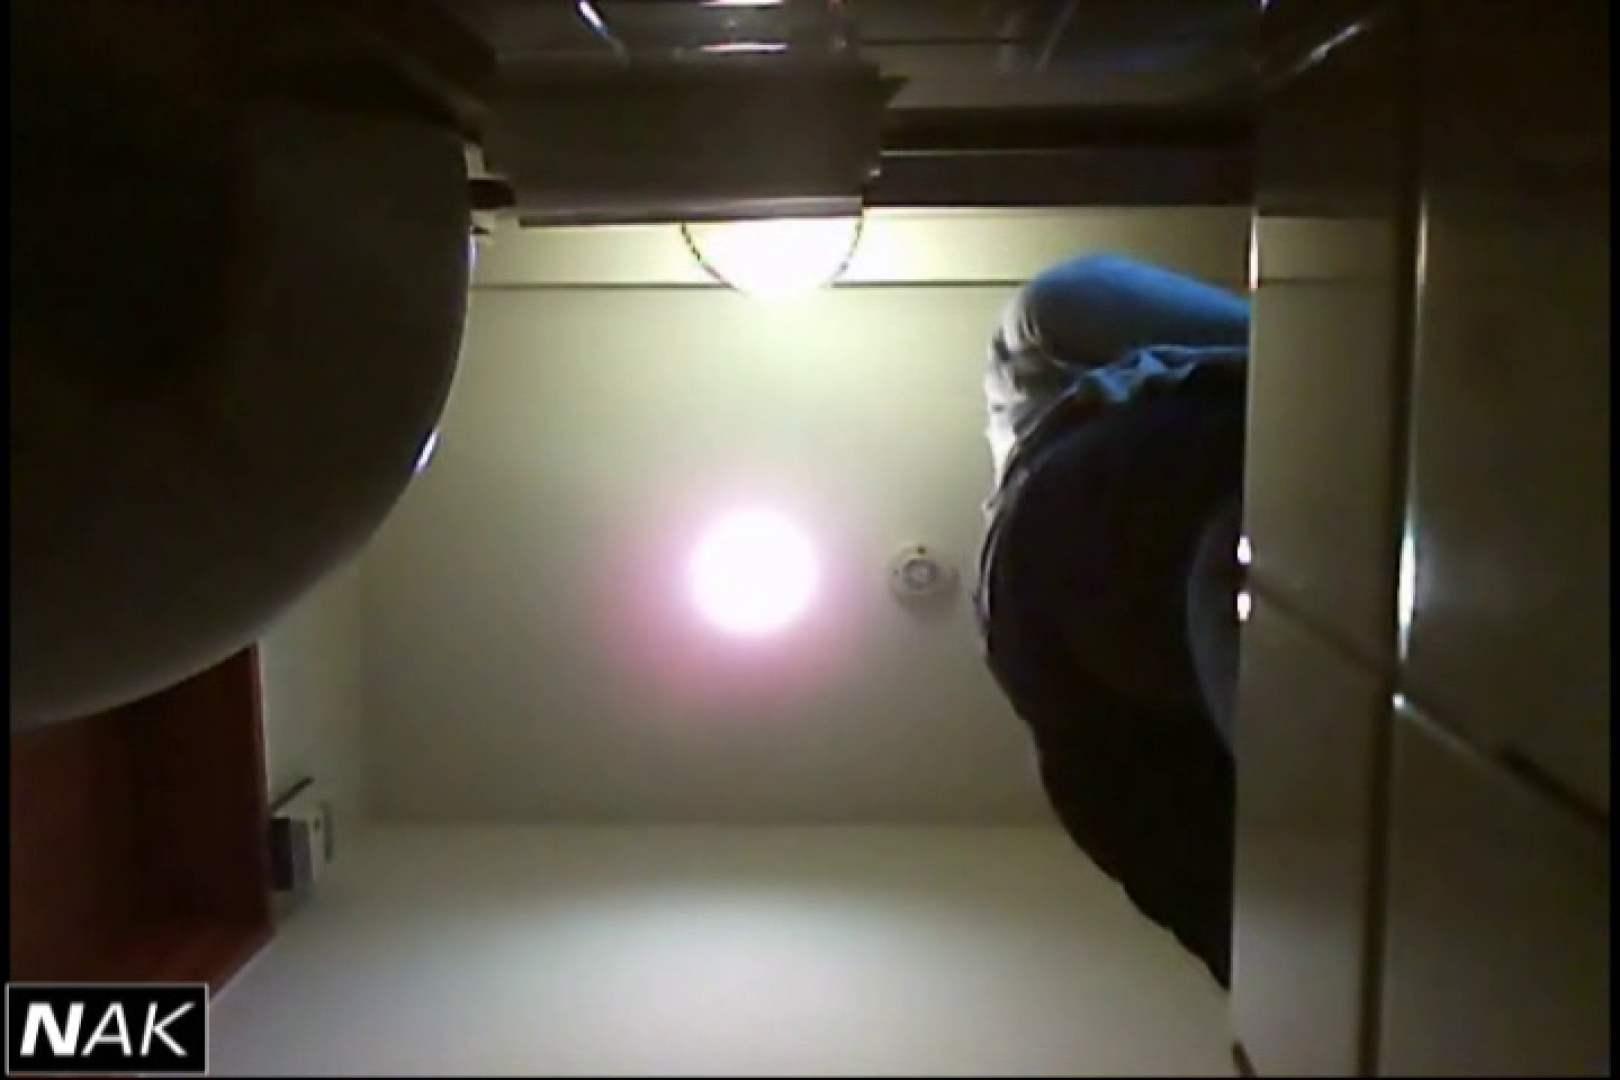 亀さんかわや VIP和式2カメバージョン! vol.05 OLセックス | 無修正オマンコ  110画像 81